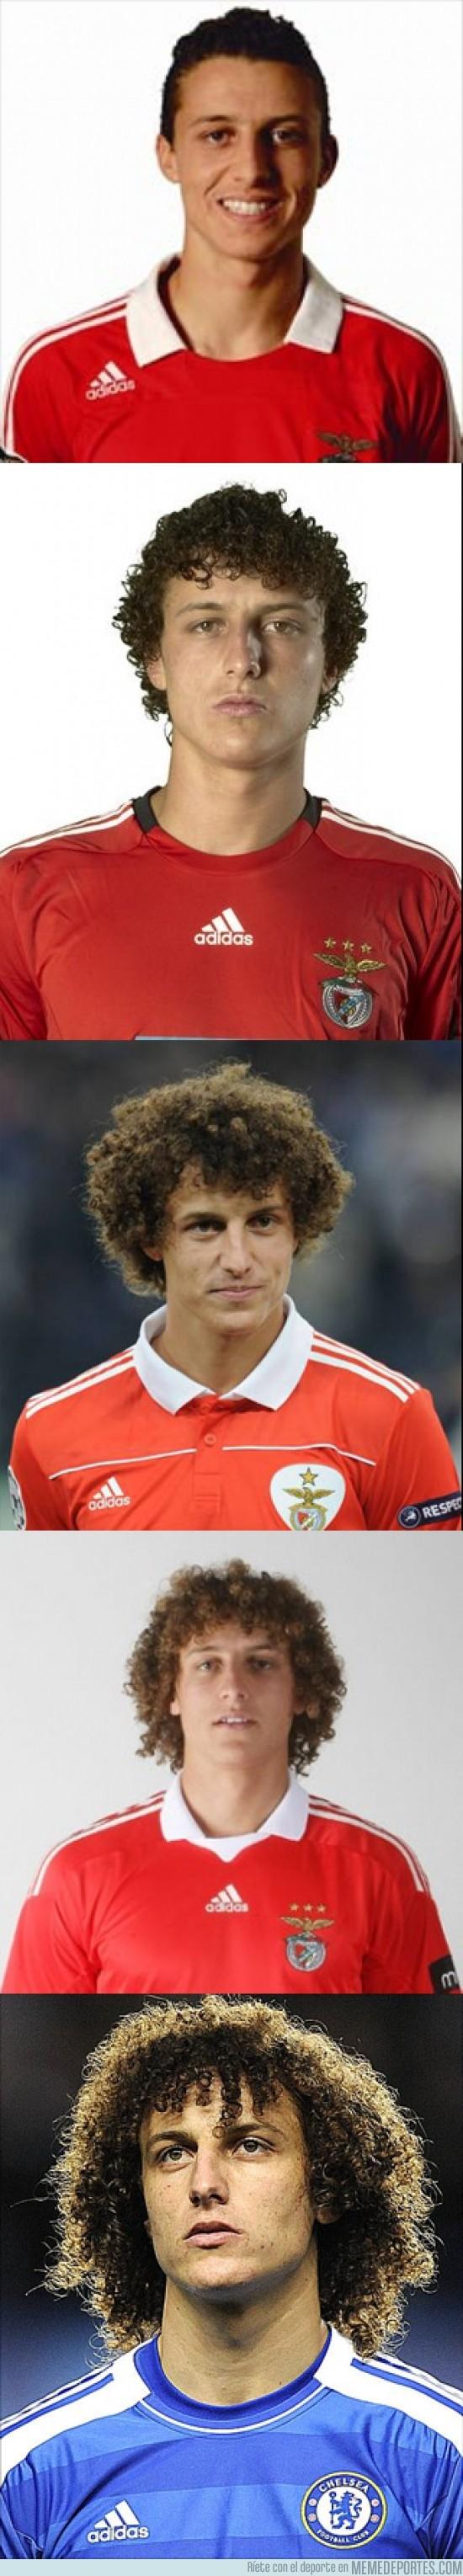 66623 - Evolución del peinado de David Luiz